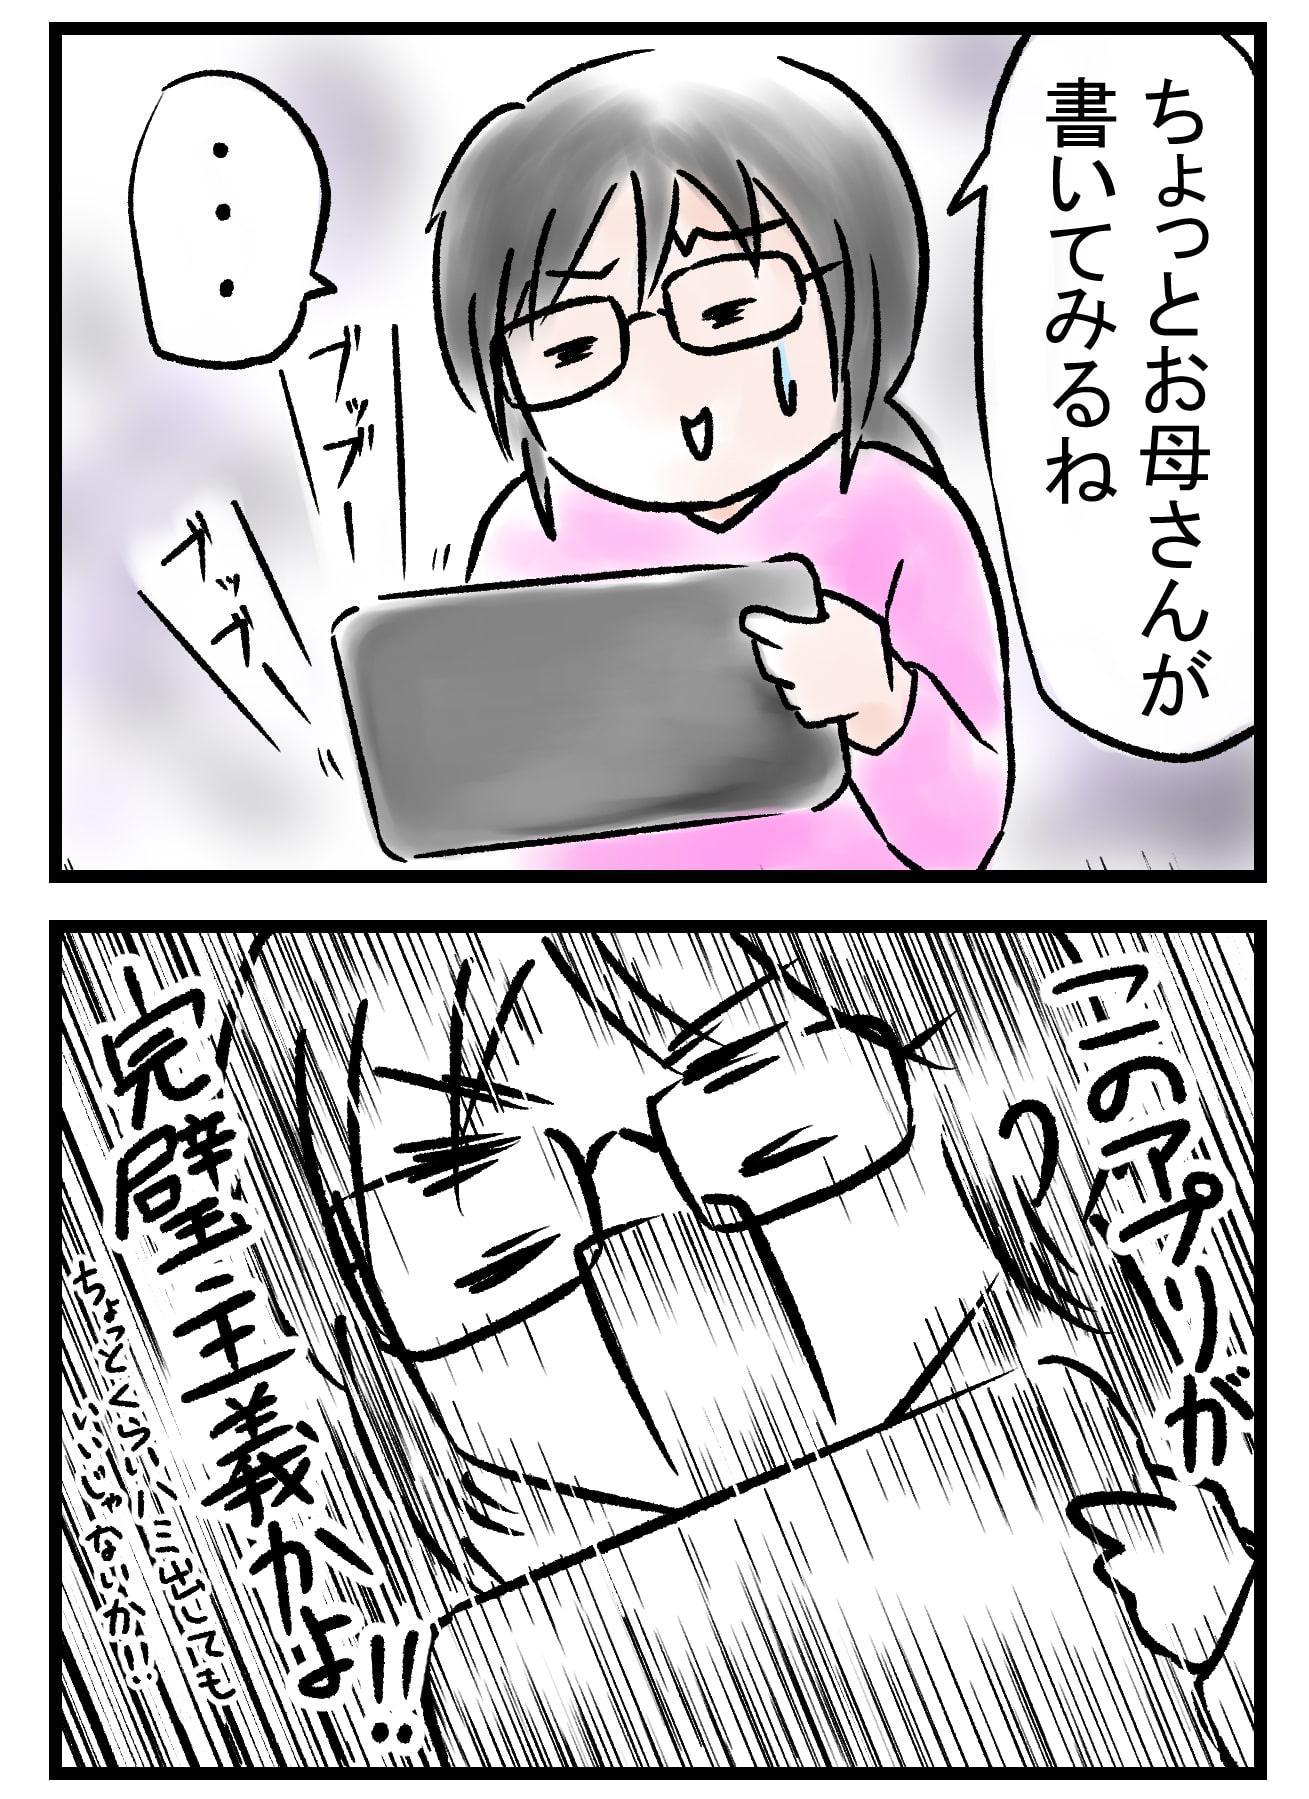 f:id:munyasan:20210823151112j:plain:w600